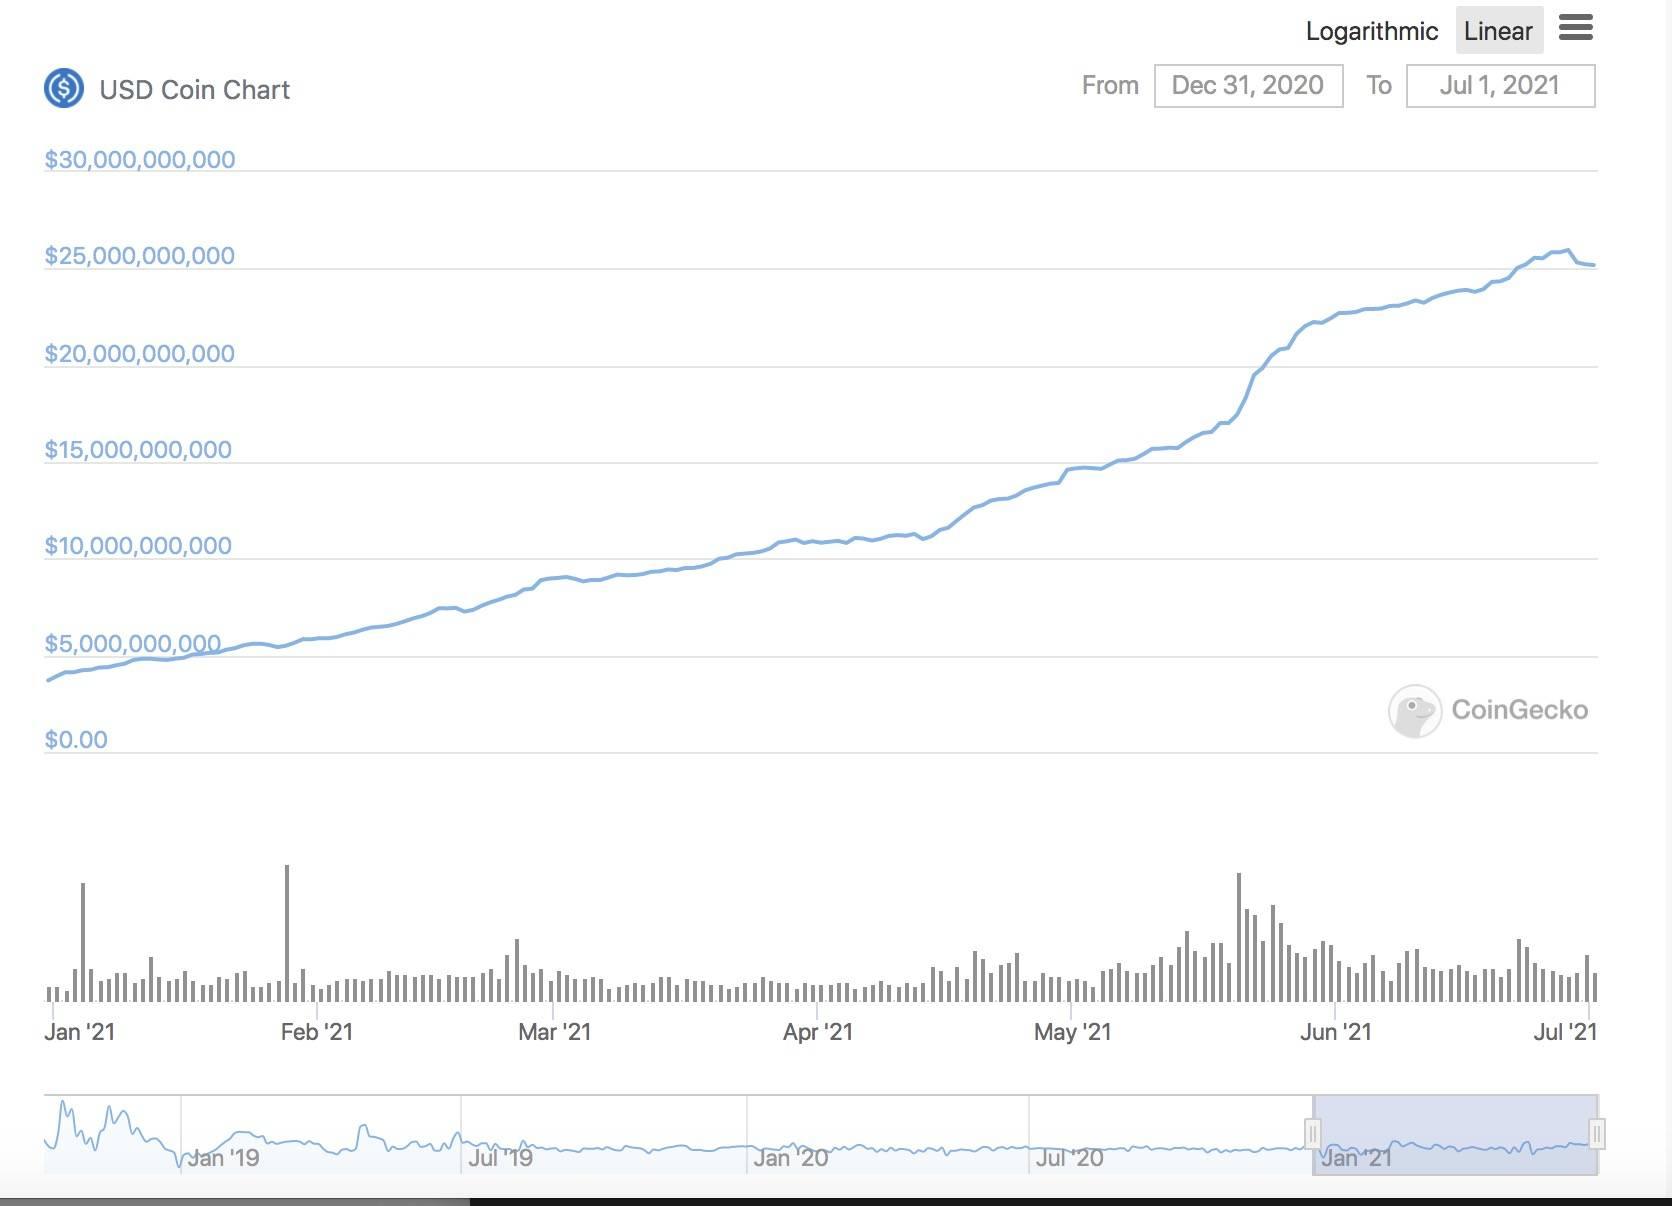 半年增长超800亿美元 稳定币市场究竟谁输谁赢?插图4